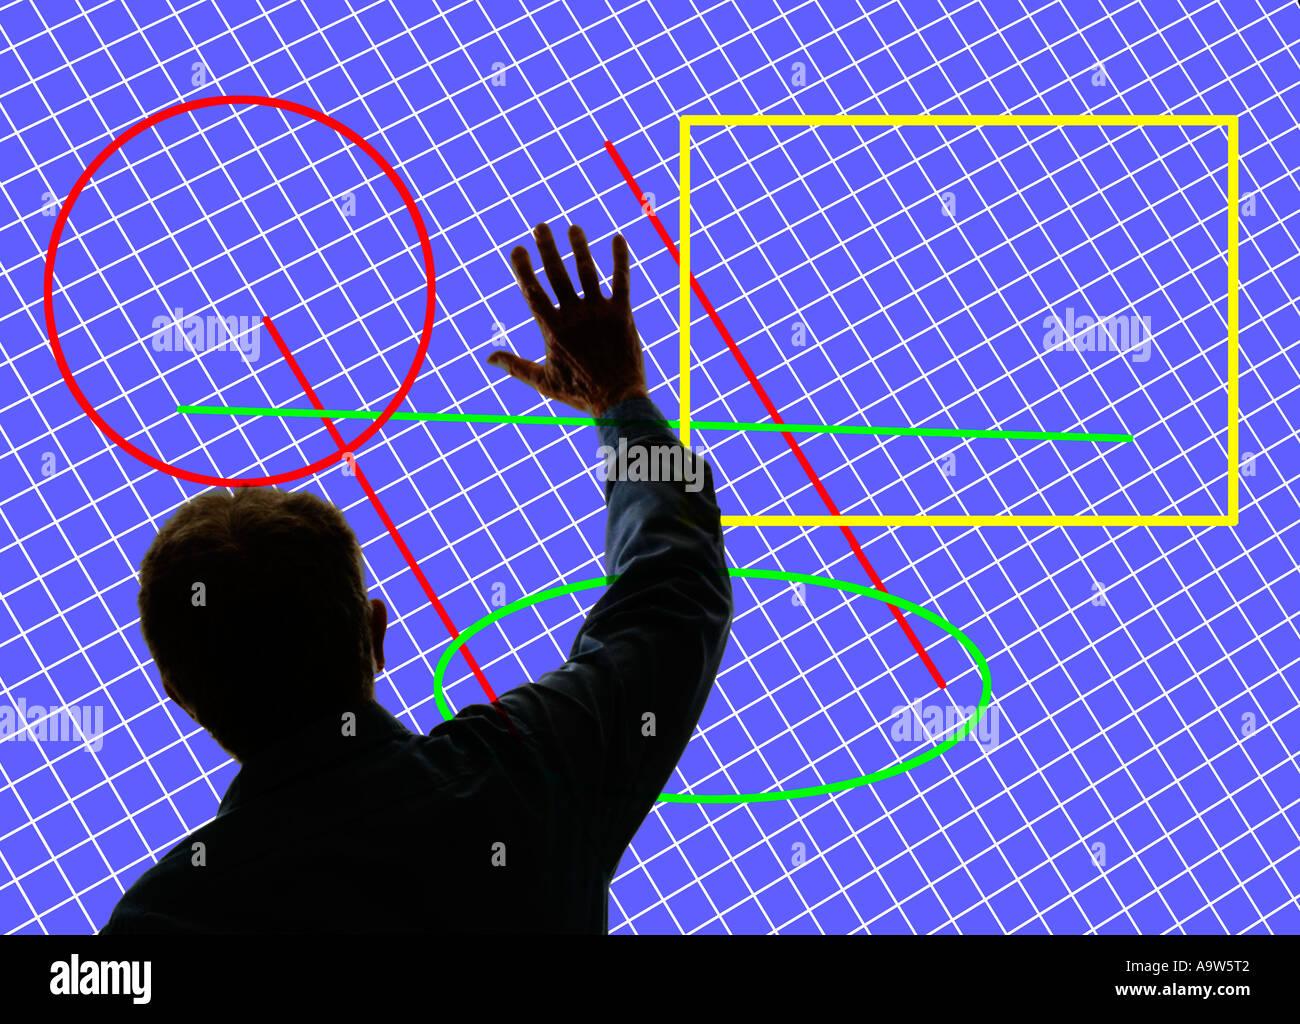 L'envoi de signal de la main de l'homme en face d'un grand écran 3D avec des images numériques Photo Stock